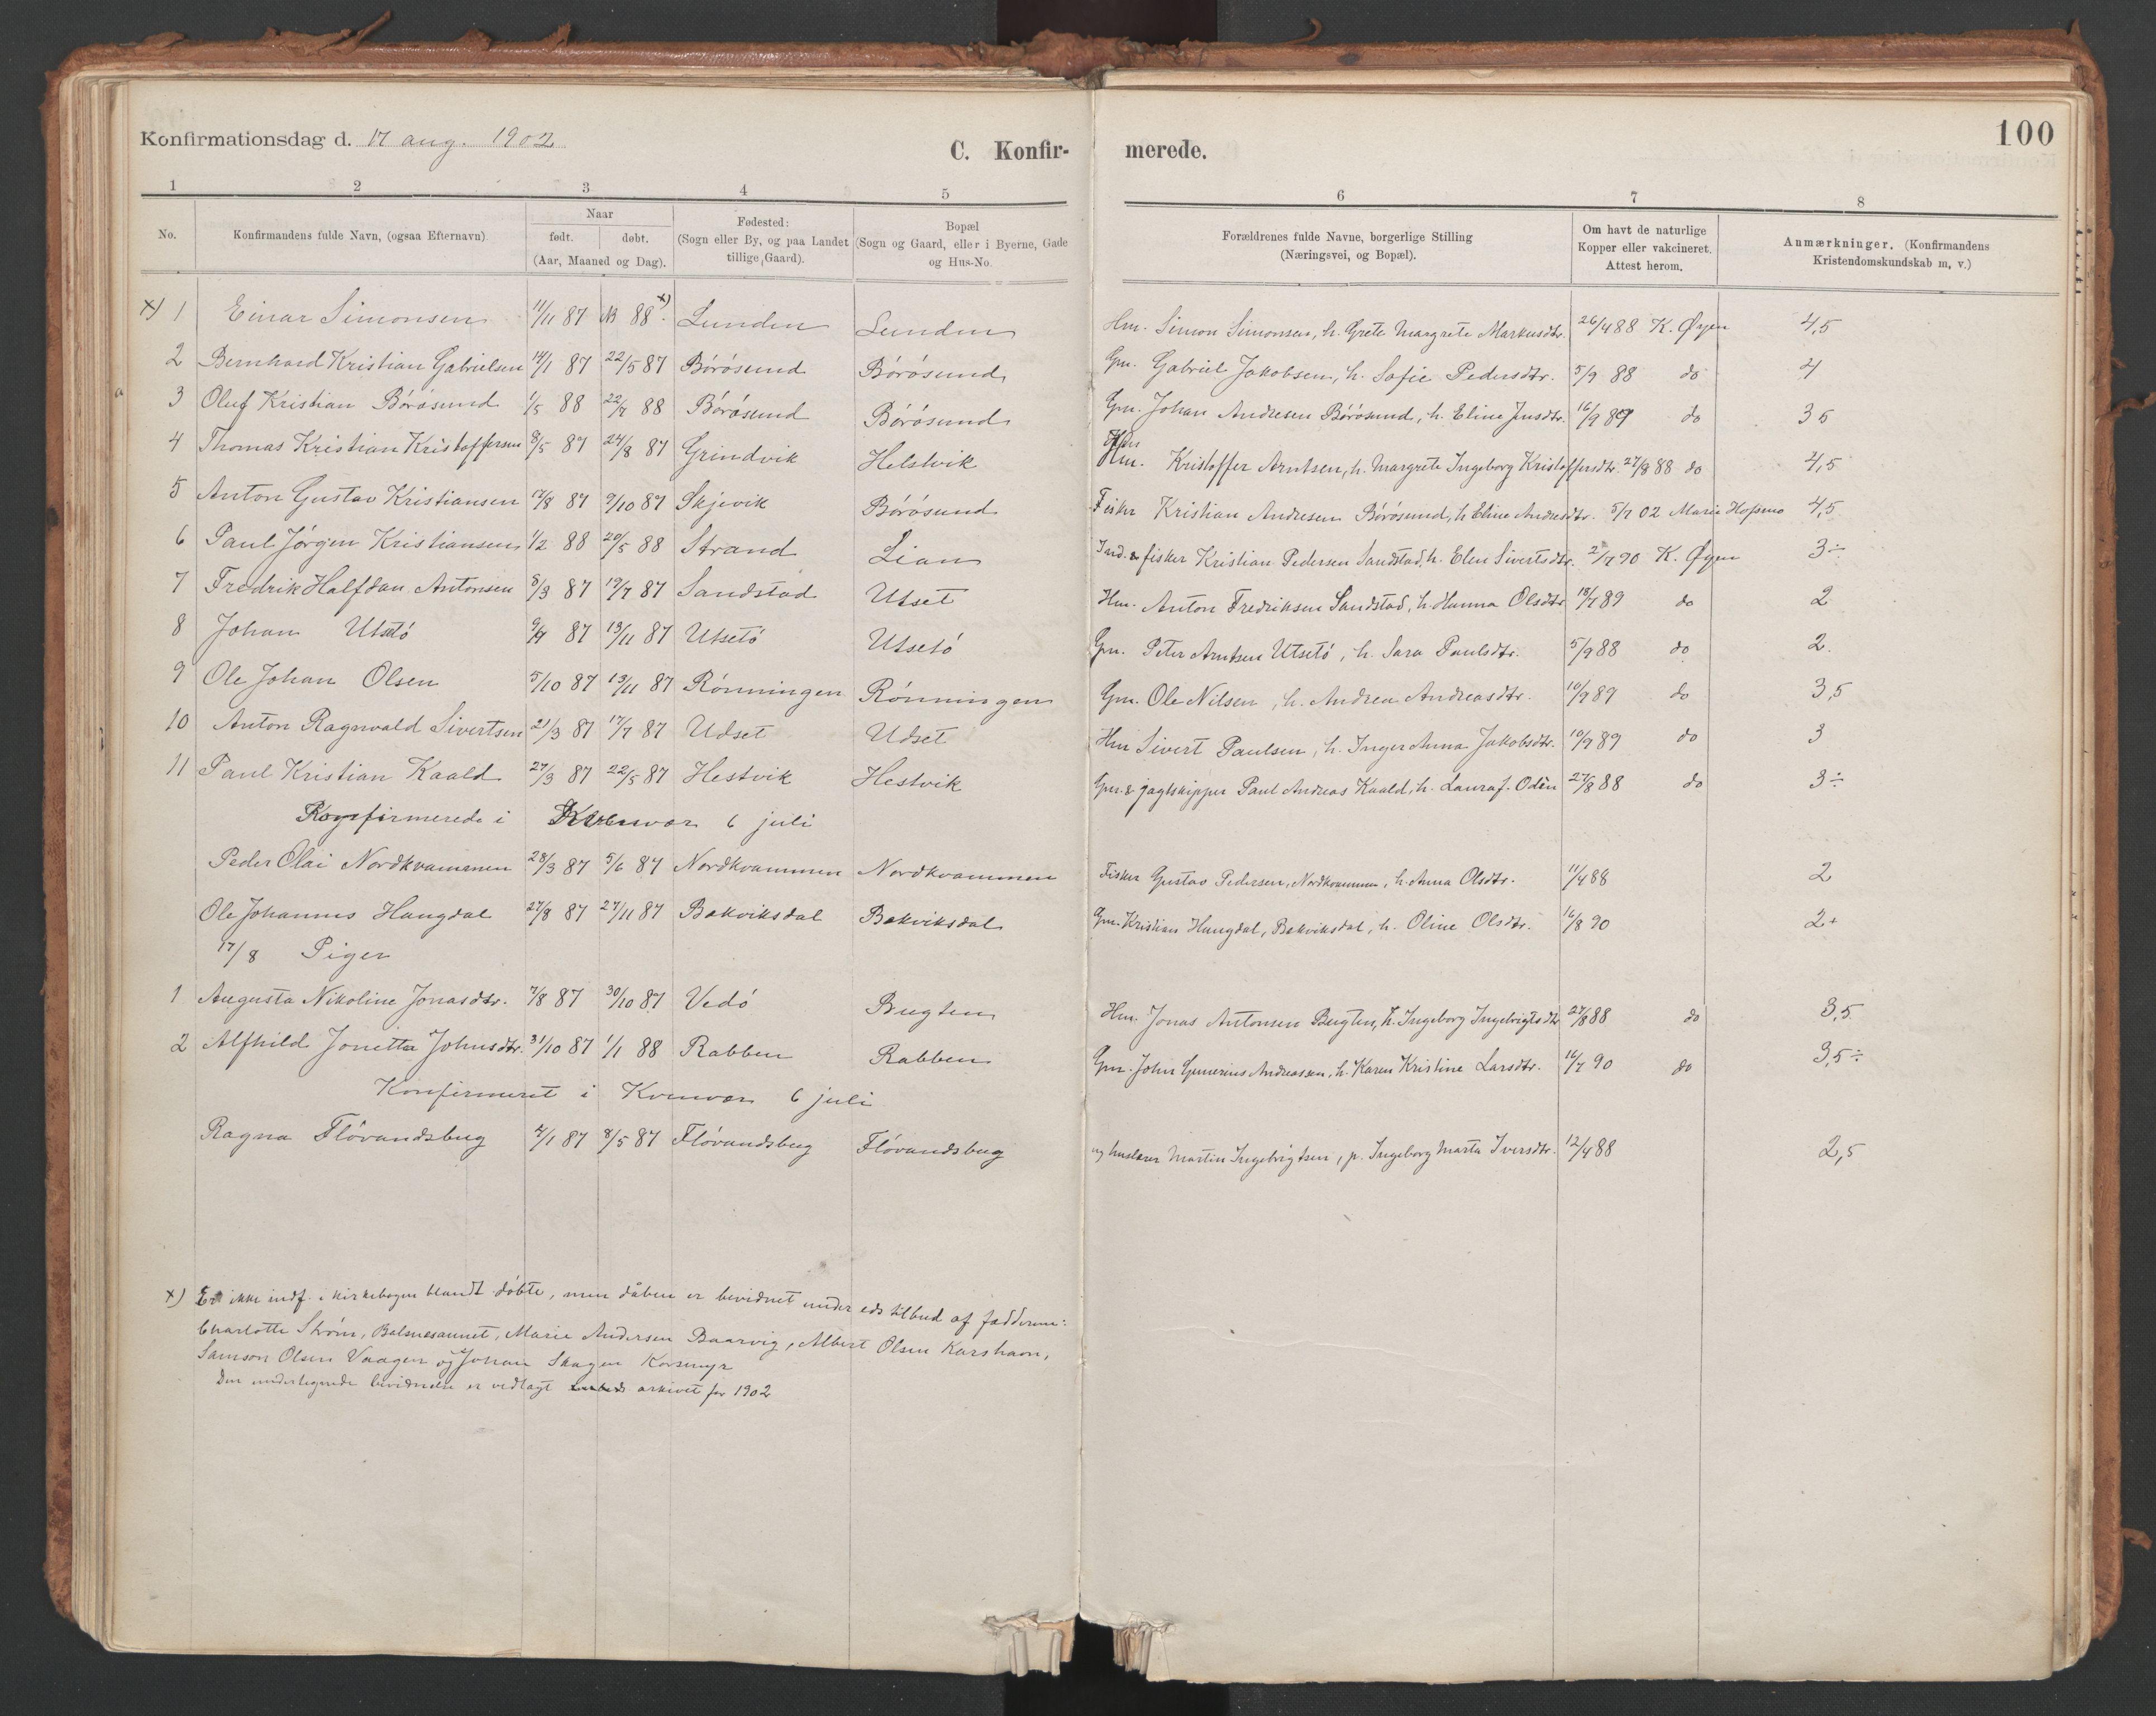 SAT, Ministerialprotokoller, klokkerbøker og fødselsregistre - Sør-Trøndelag, 639/L0572: Ministerialbok nr. 639A01, 1890-1920, s. 100